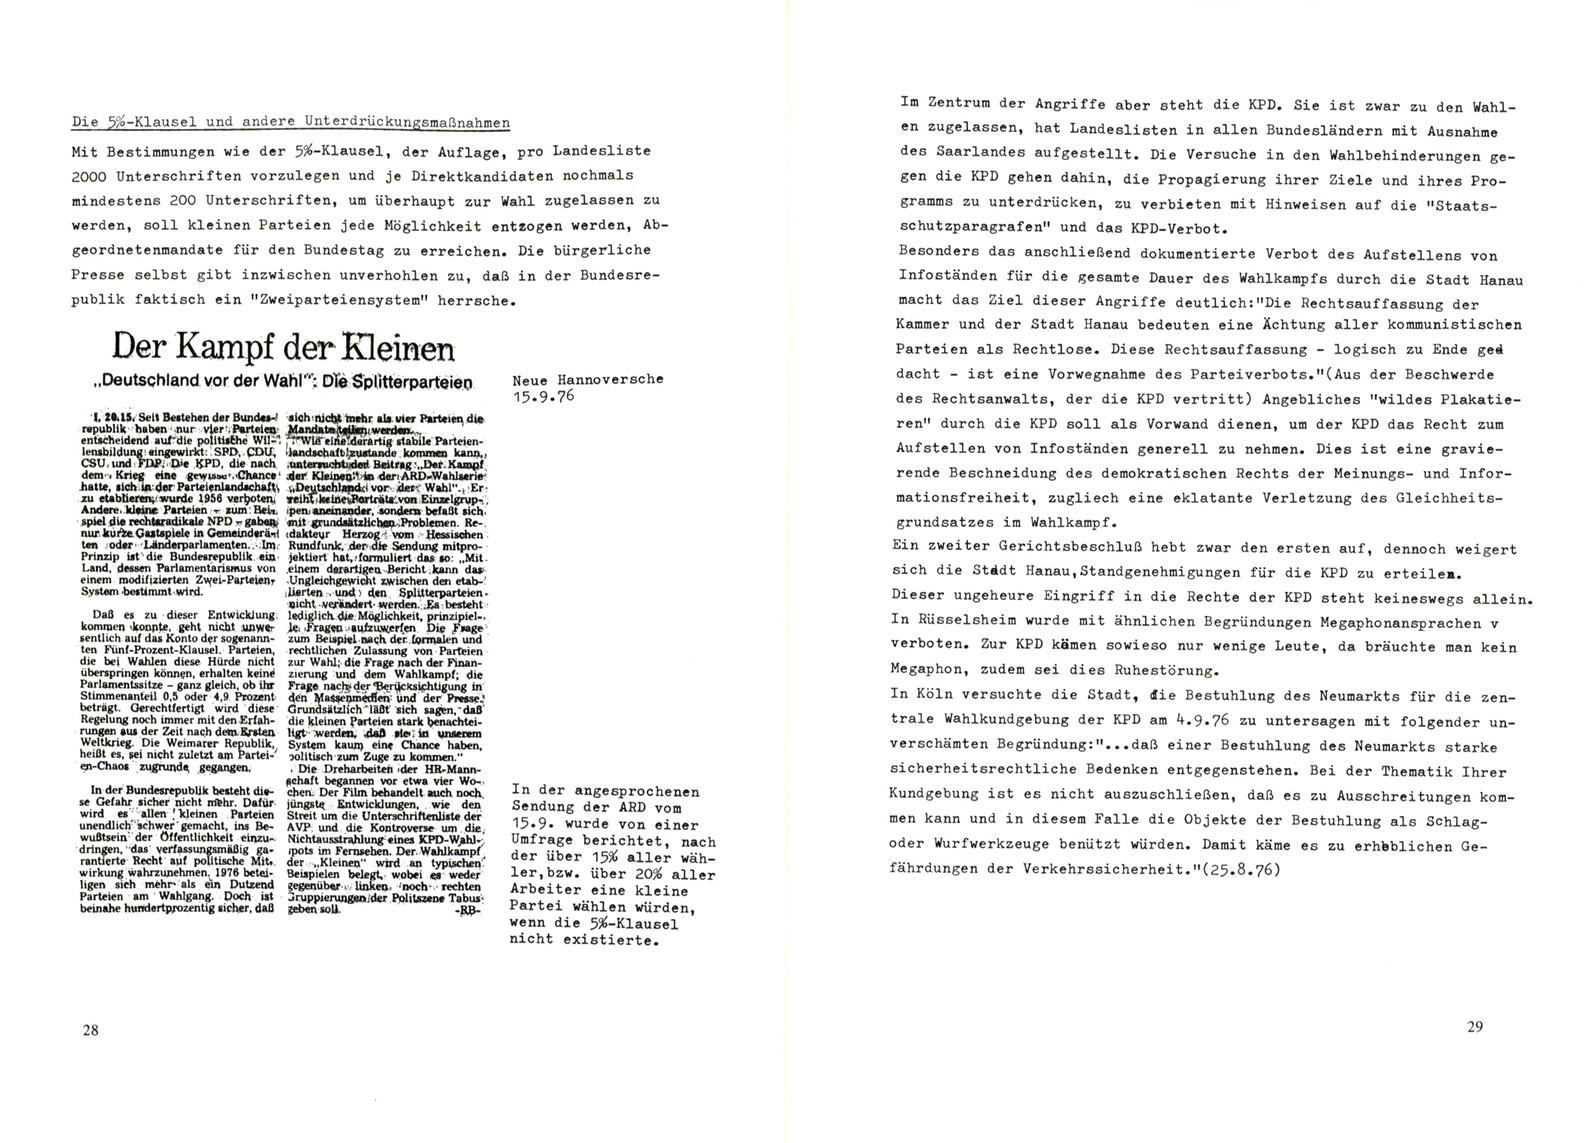 KPDAO_1976_Wahlbehinderungen_im_BTW_16